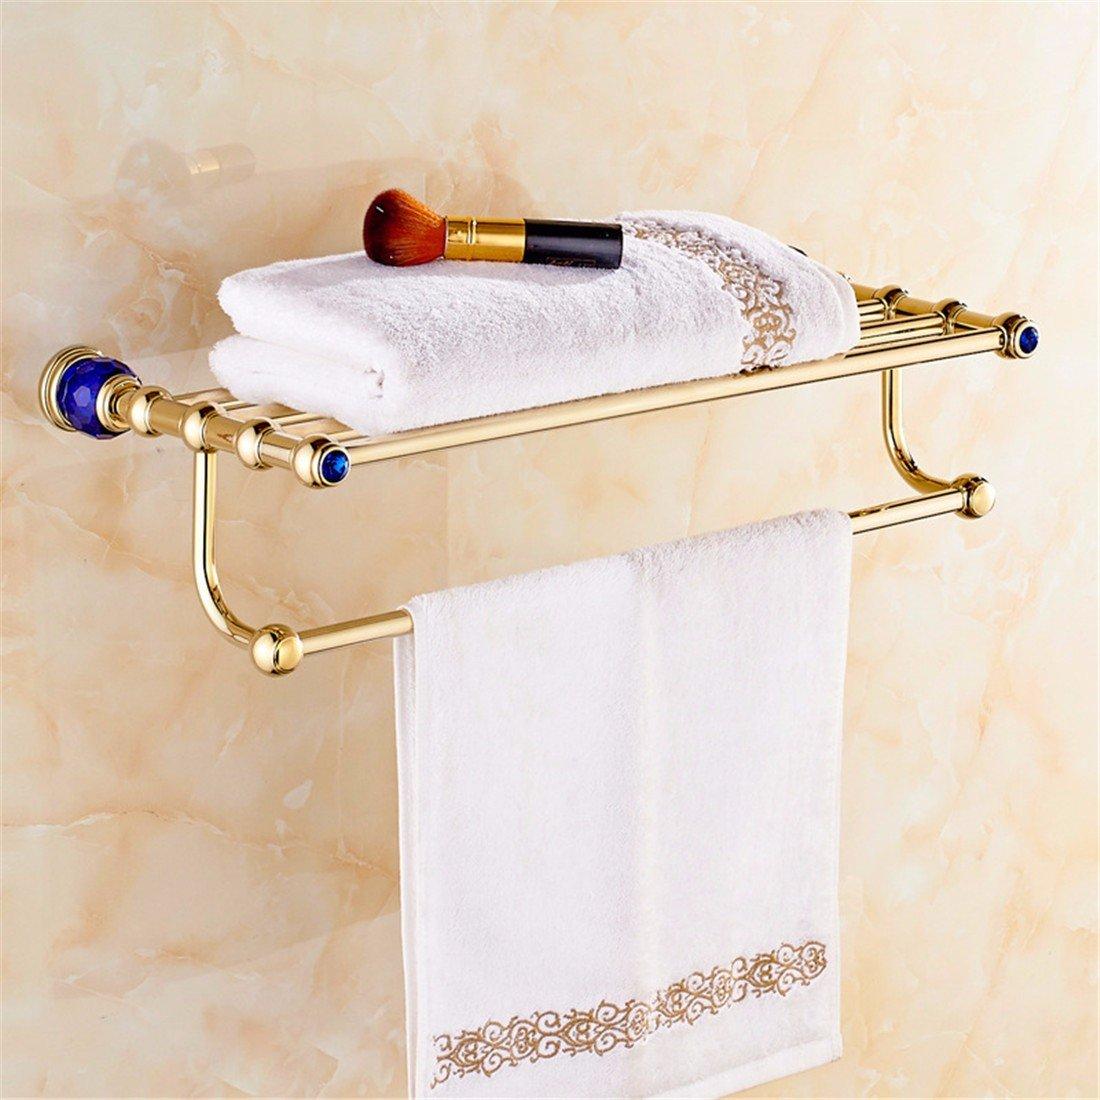 欧州ゴールデンLaonaブルーダイヤモンドクリスタル銅ベースバスルームアクセサリーセットトイレブラシトイレペーパーホルダー 9358462310054 B077DB4F74 Towel Rack